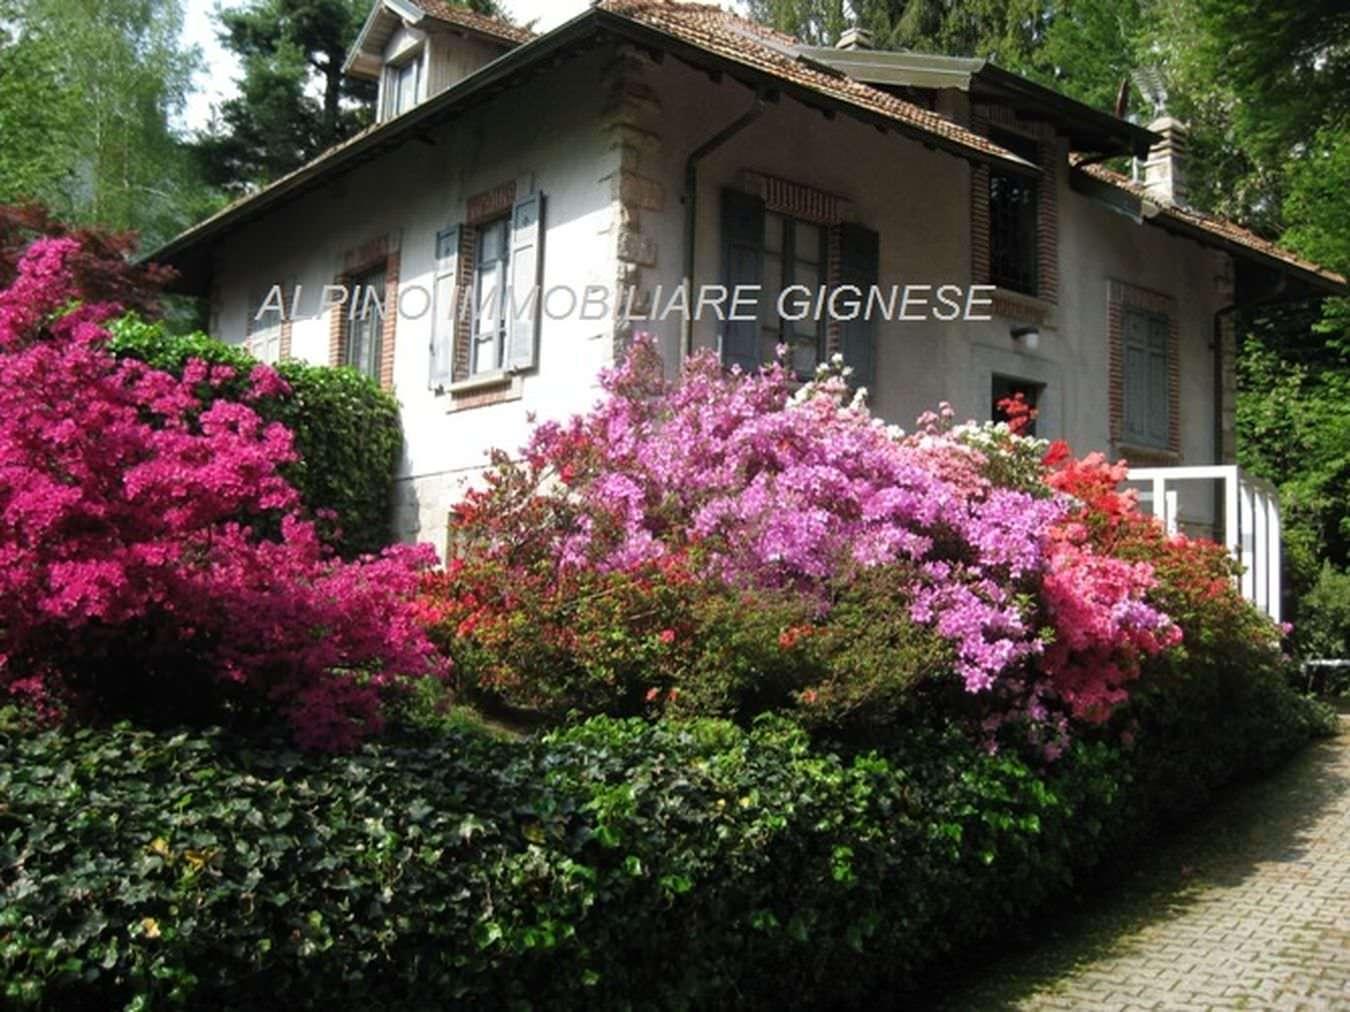 Villa in zona golf Alpino Gignese